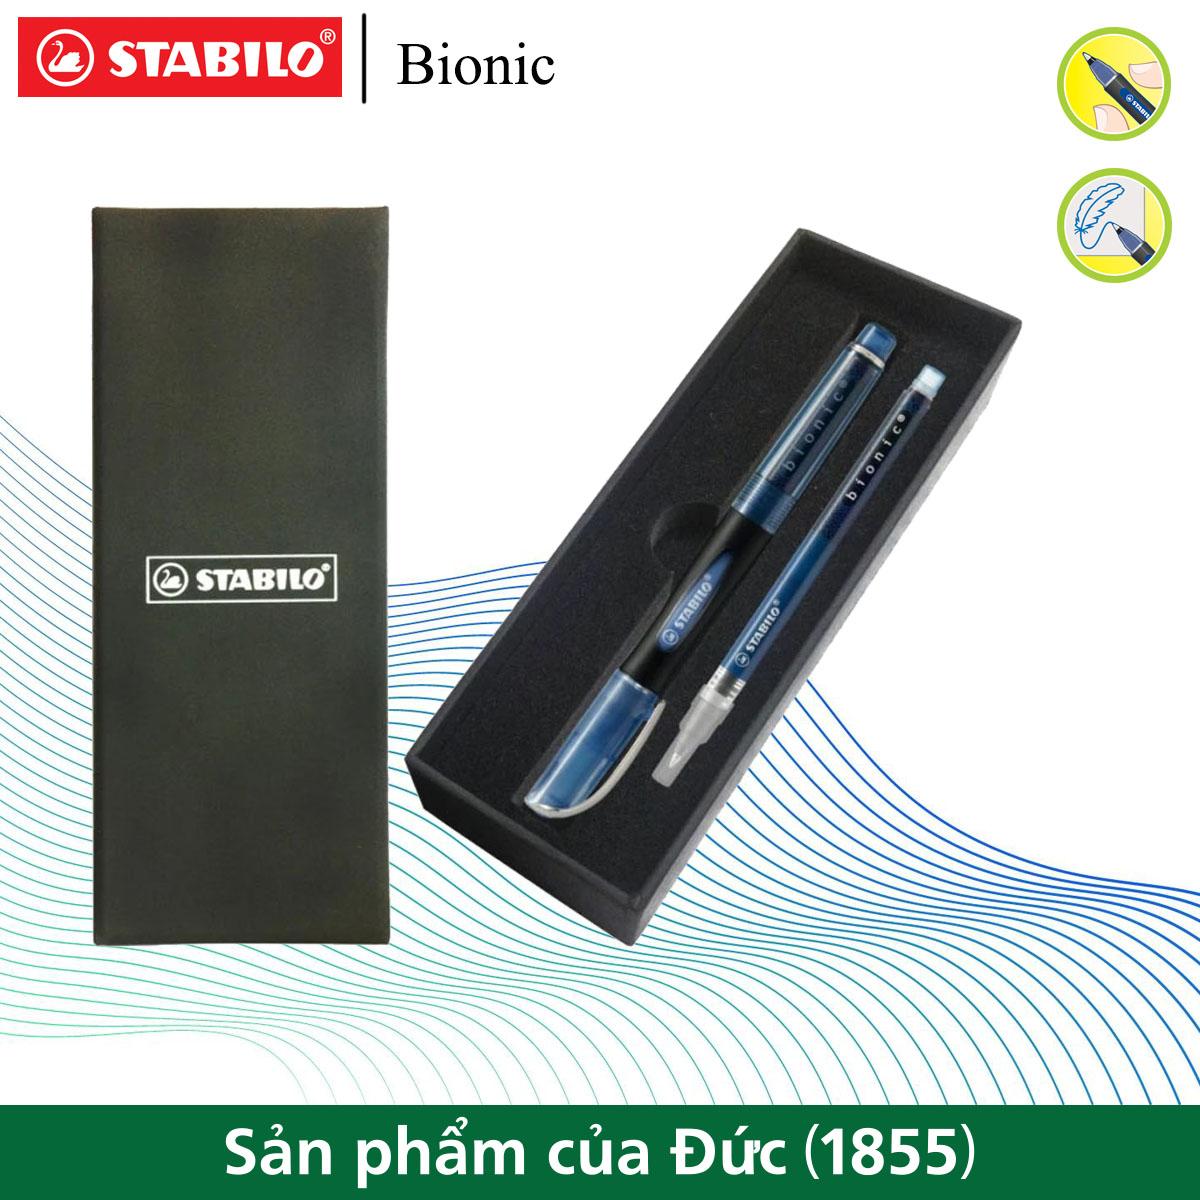 Bộ 1 Bút bi nước STABILO bionic + Ruột STABILO BNCR (BNCS)